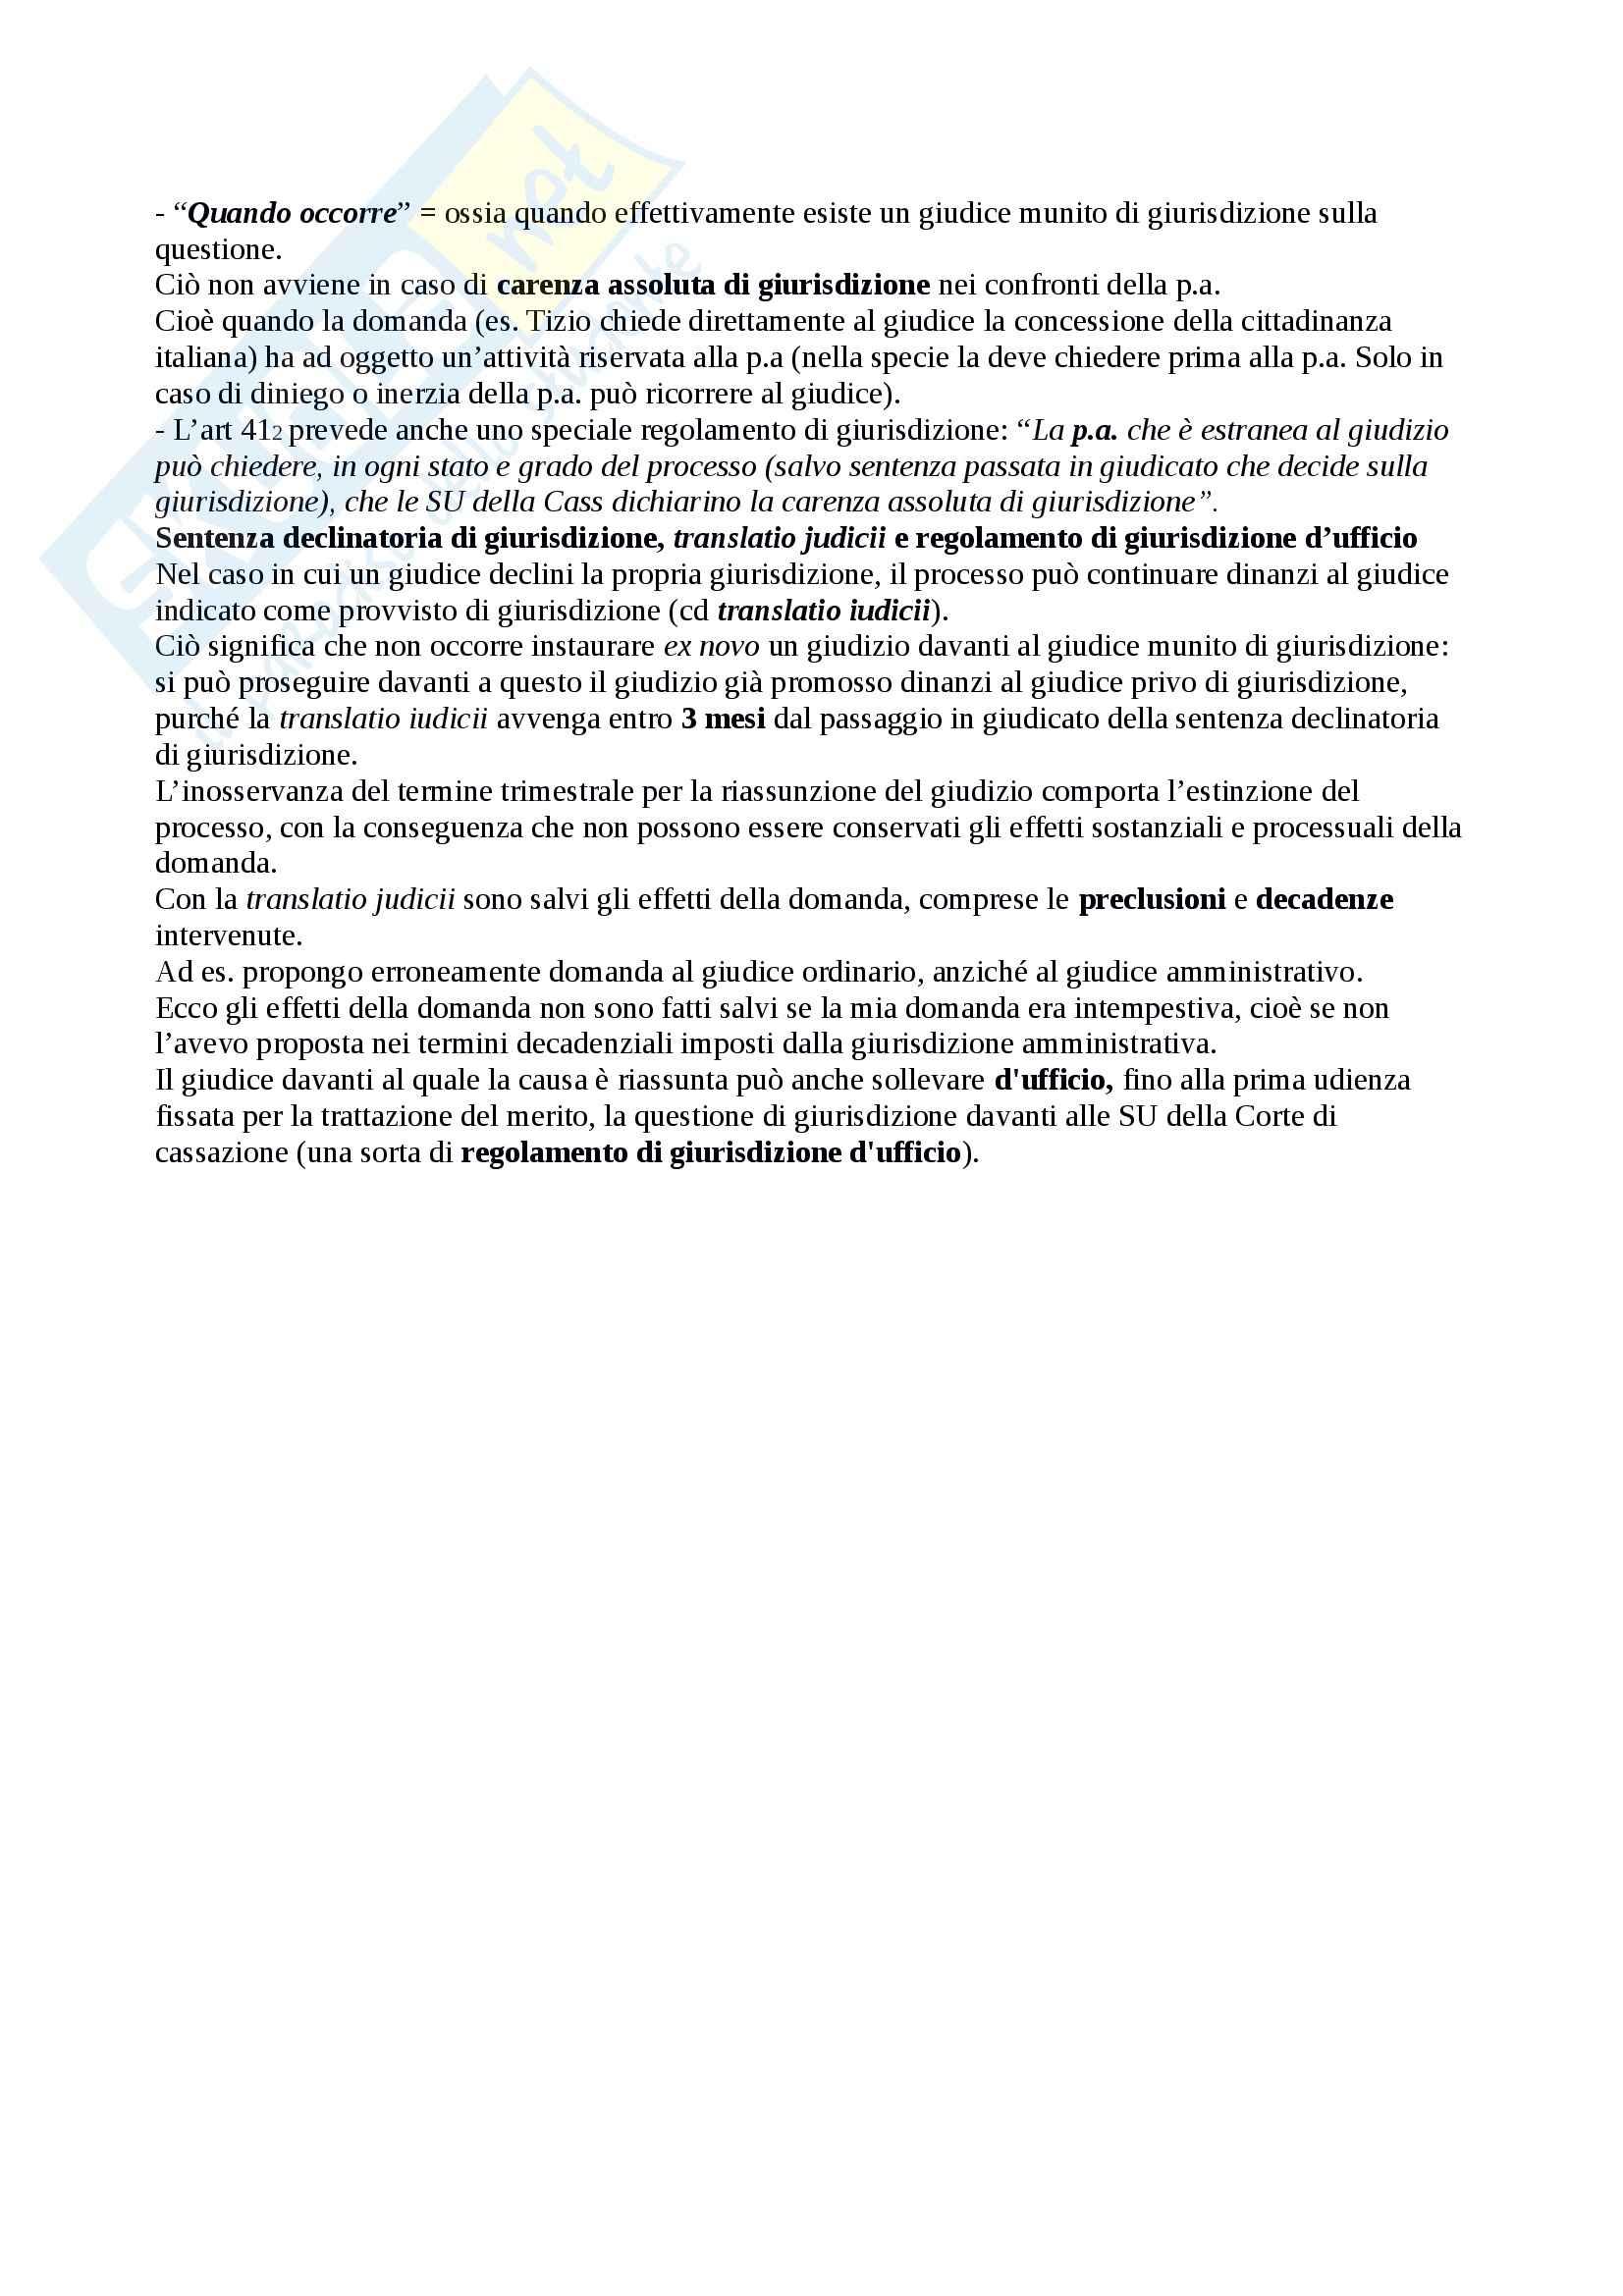 Riassunto esame Diritto Processuale Civile, prof. Sassani, libro consigliato Lineamenti del Processo Civile Italiano Pag. 11